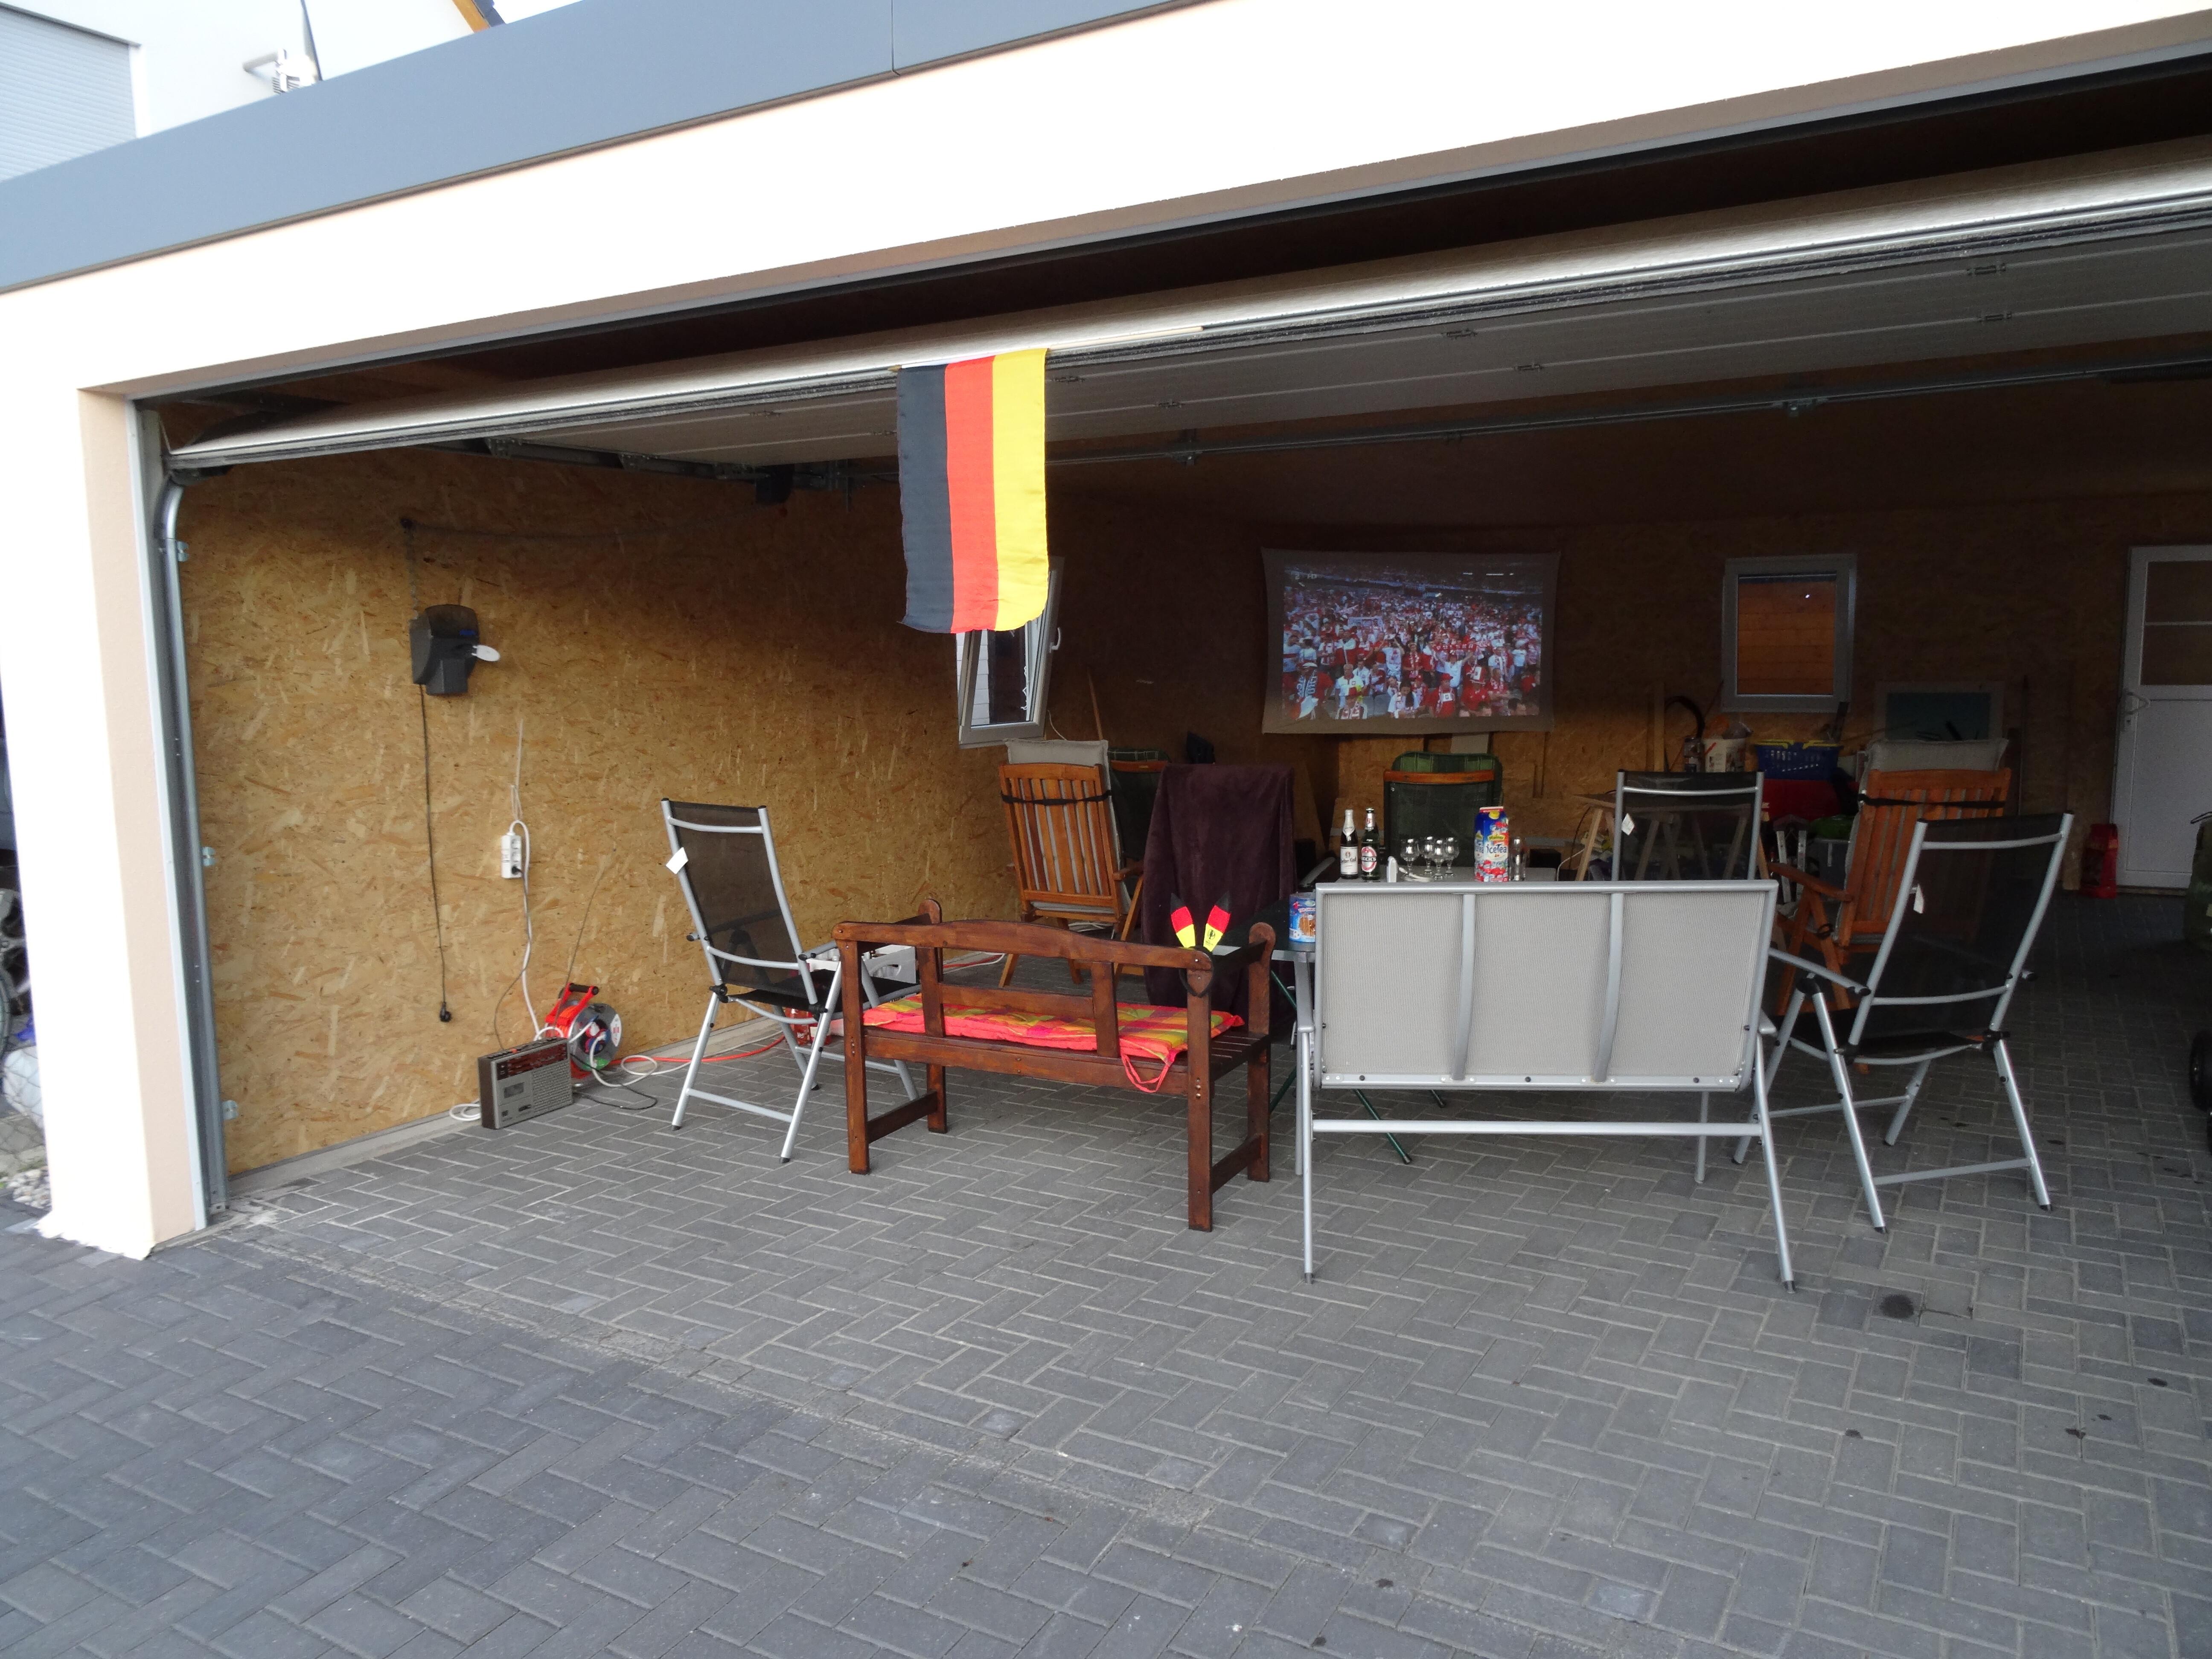 Fink-Garage zur Fussball-EM